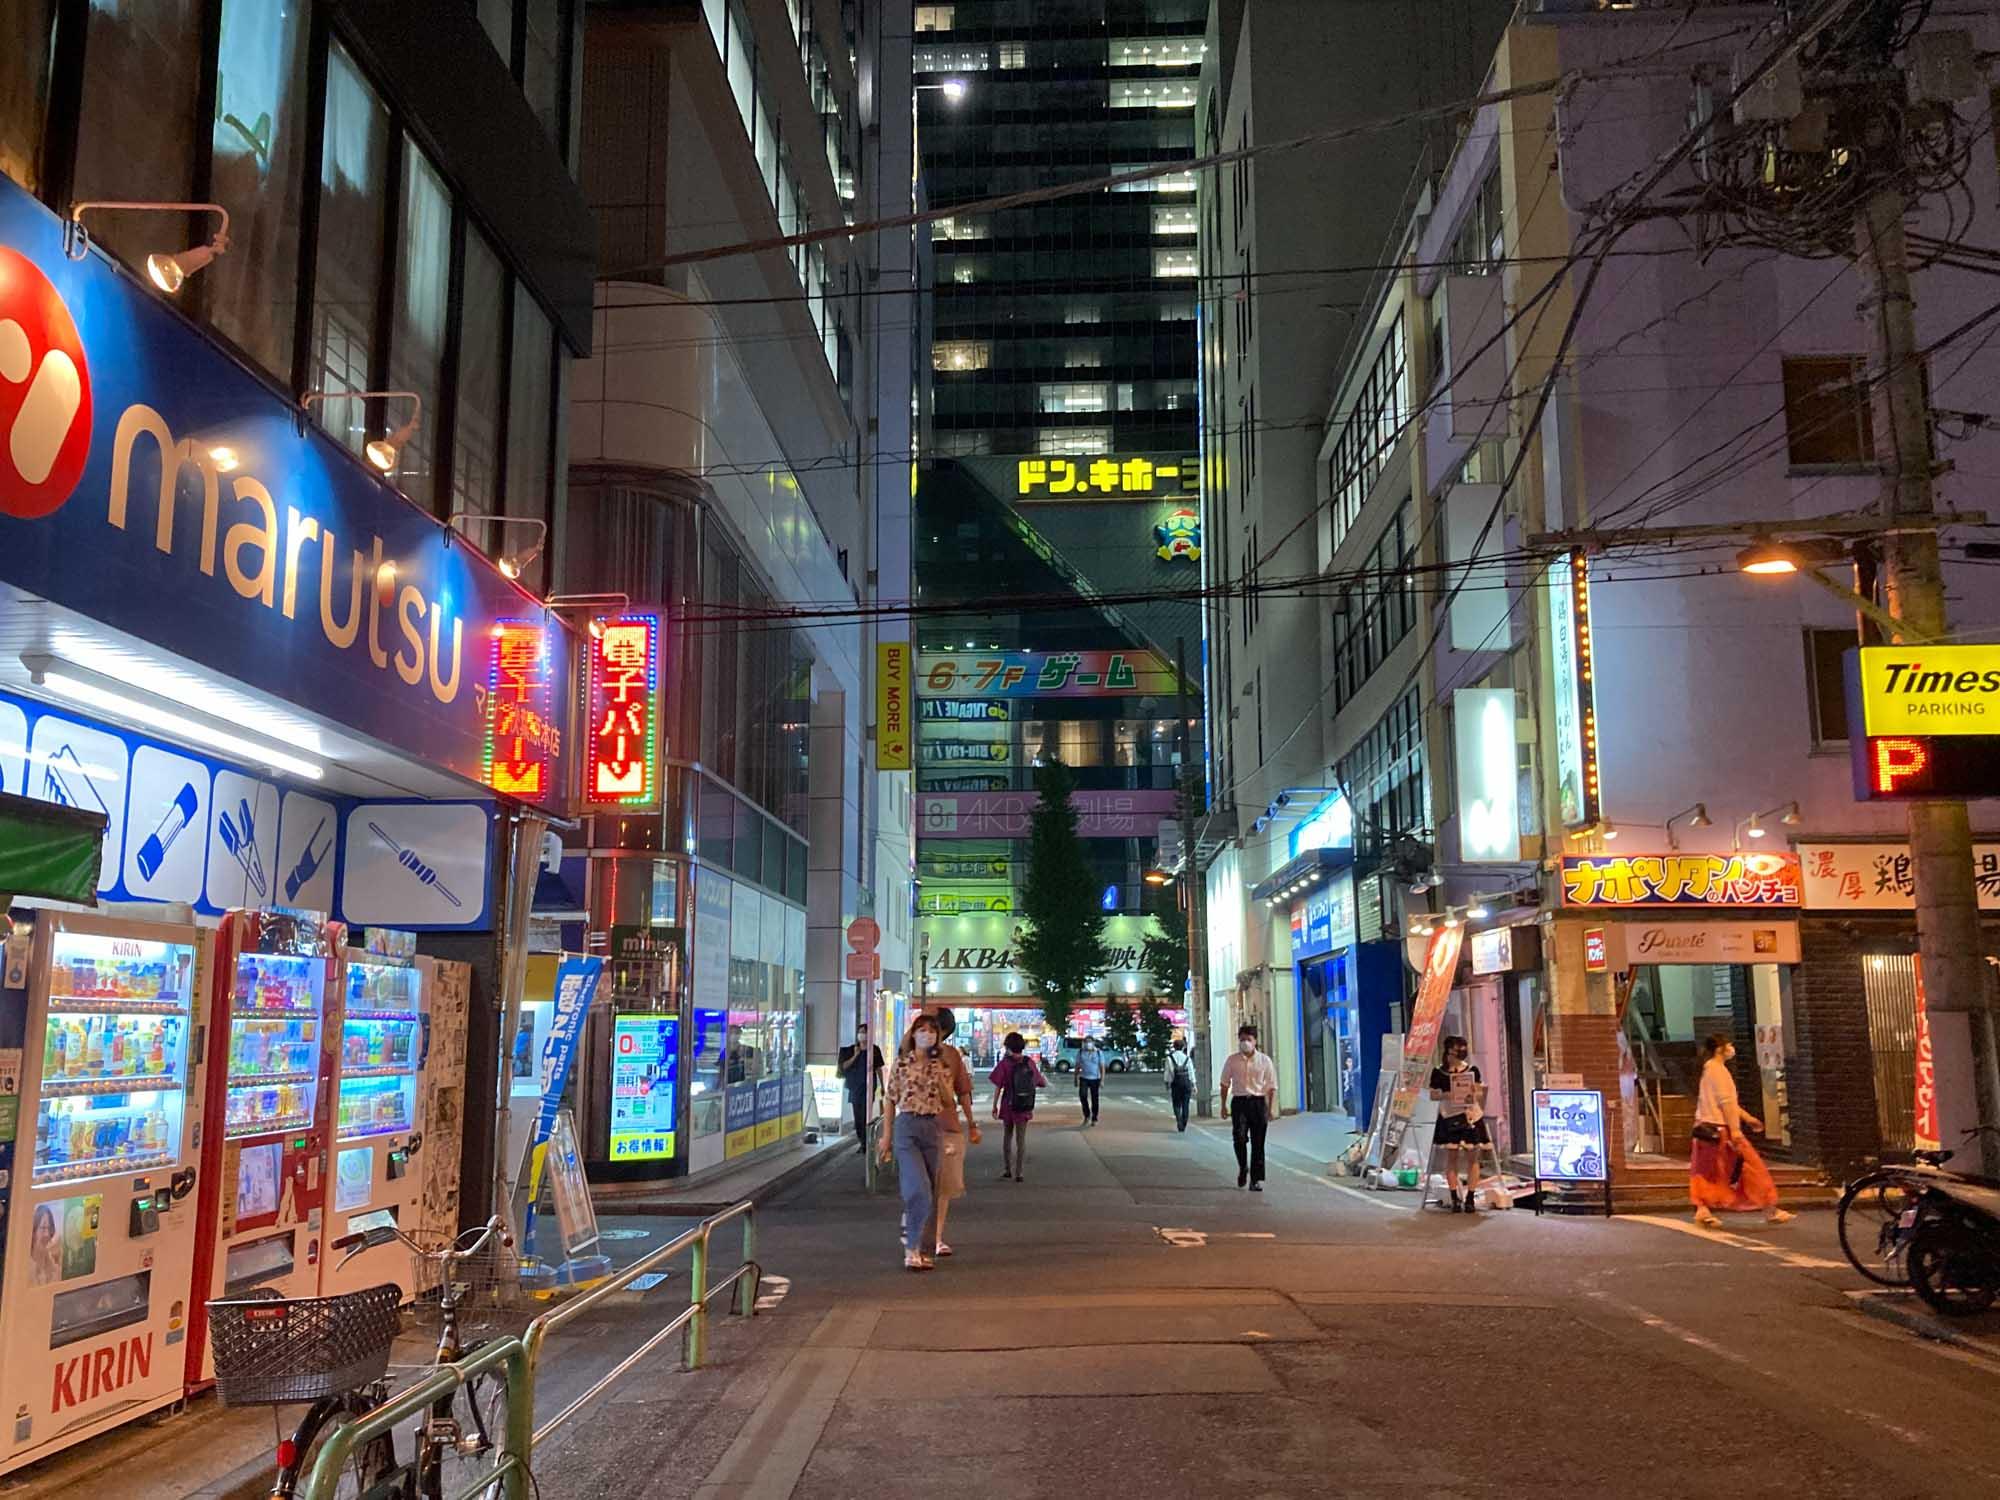 夜に、周辺を少し歩いてみました。周辺はまさに秋葉原の電気街。PCパーツショップやメイドカフェなどが並びますが、新宿の繁華街などとは違って、夜はかなり静かになることもポイント。